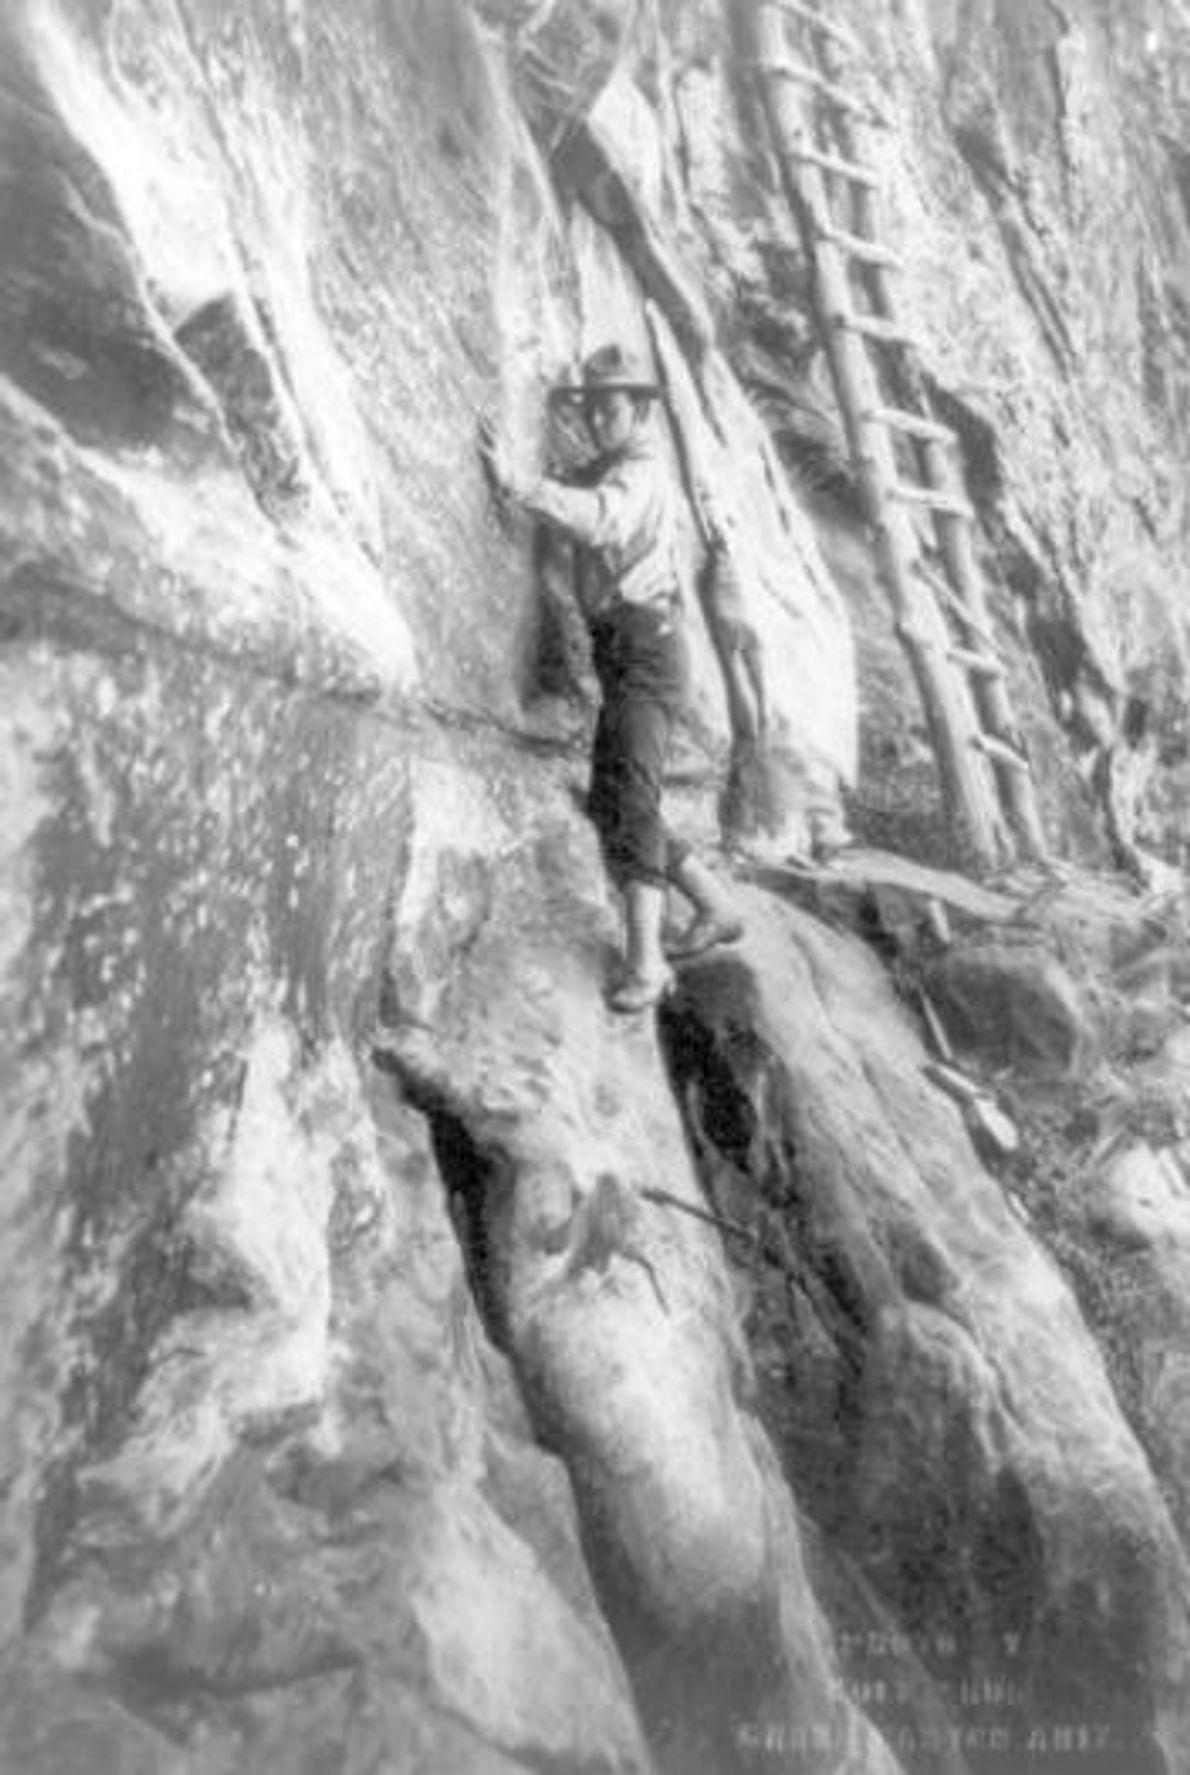 GRAND CANYON, POR VOLTA DE 1913